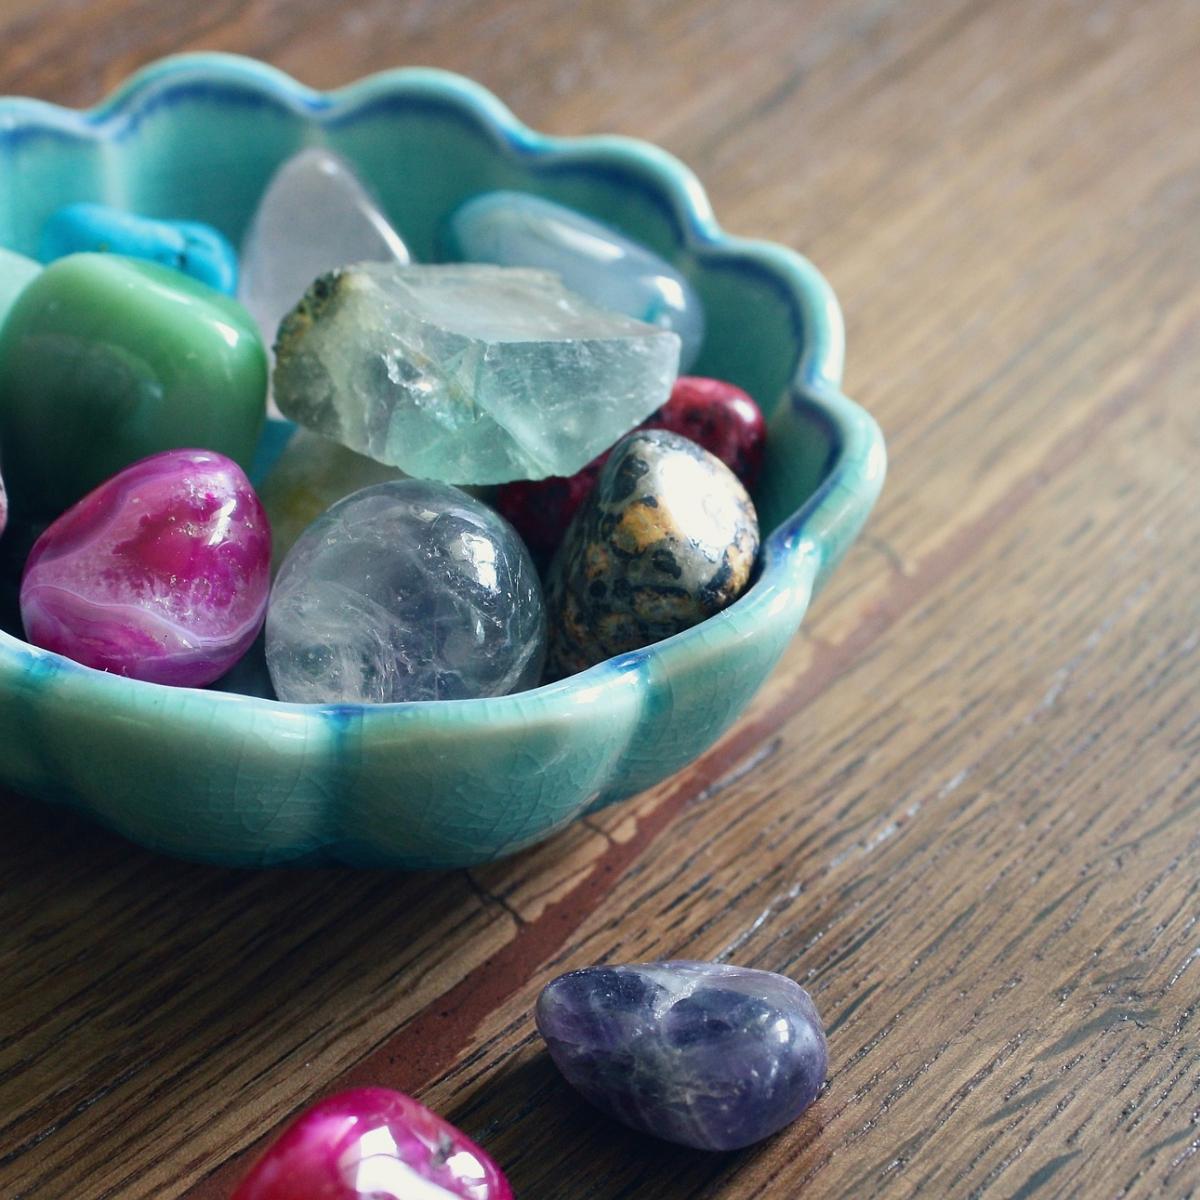 本物みたい!宝石石鹸の作り方、色付けと磨き方のコツ